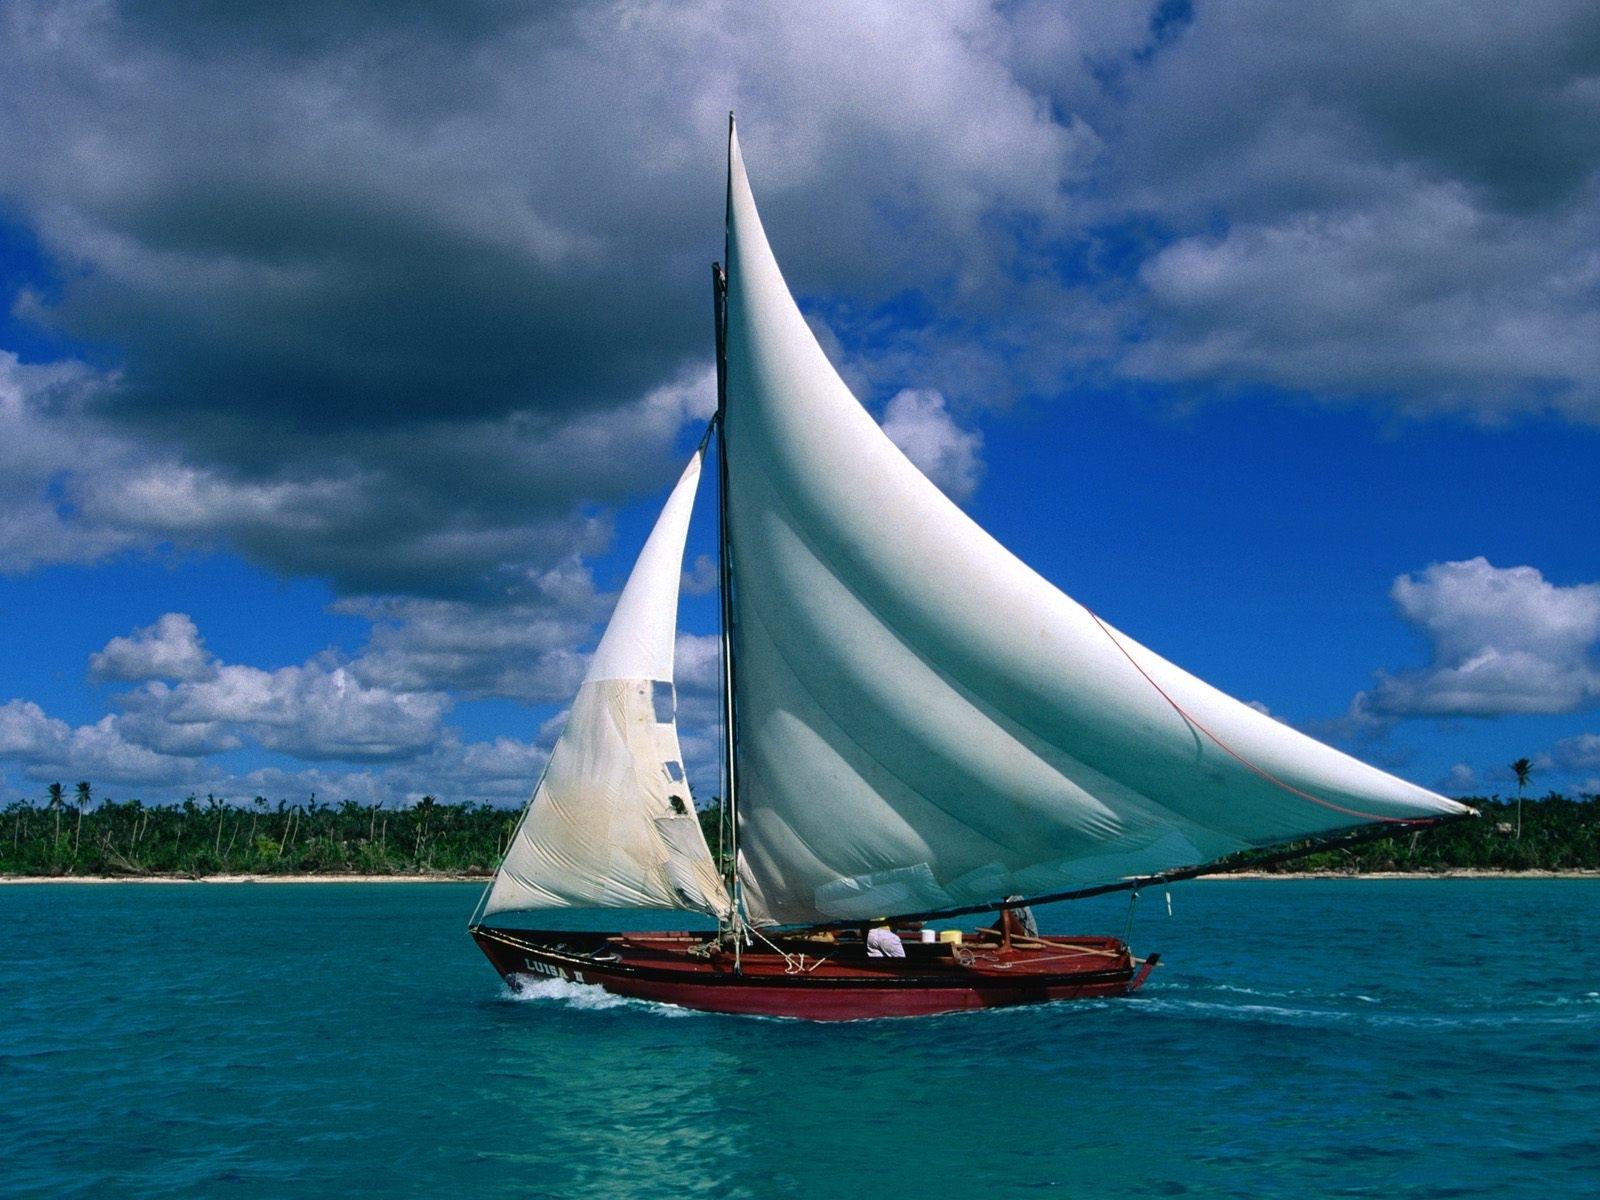 9127 Заставки и Обои Яхты на телефон. Скачать Транспорт, Небо, Море, Яхты картинки бесплатно